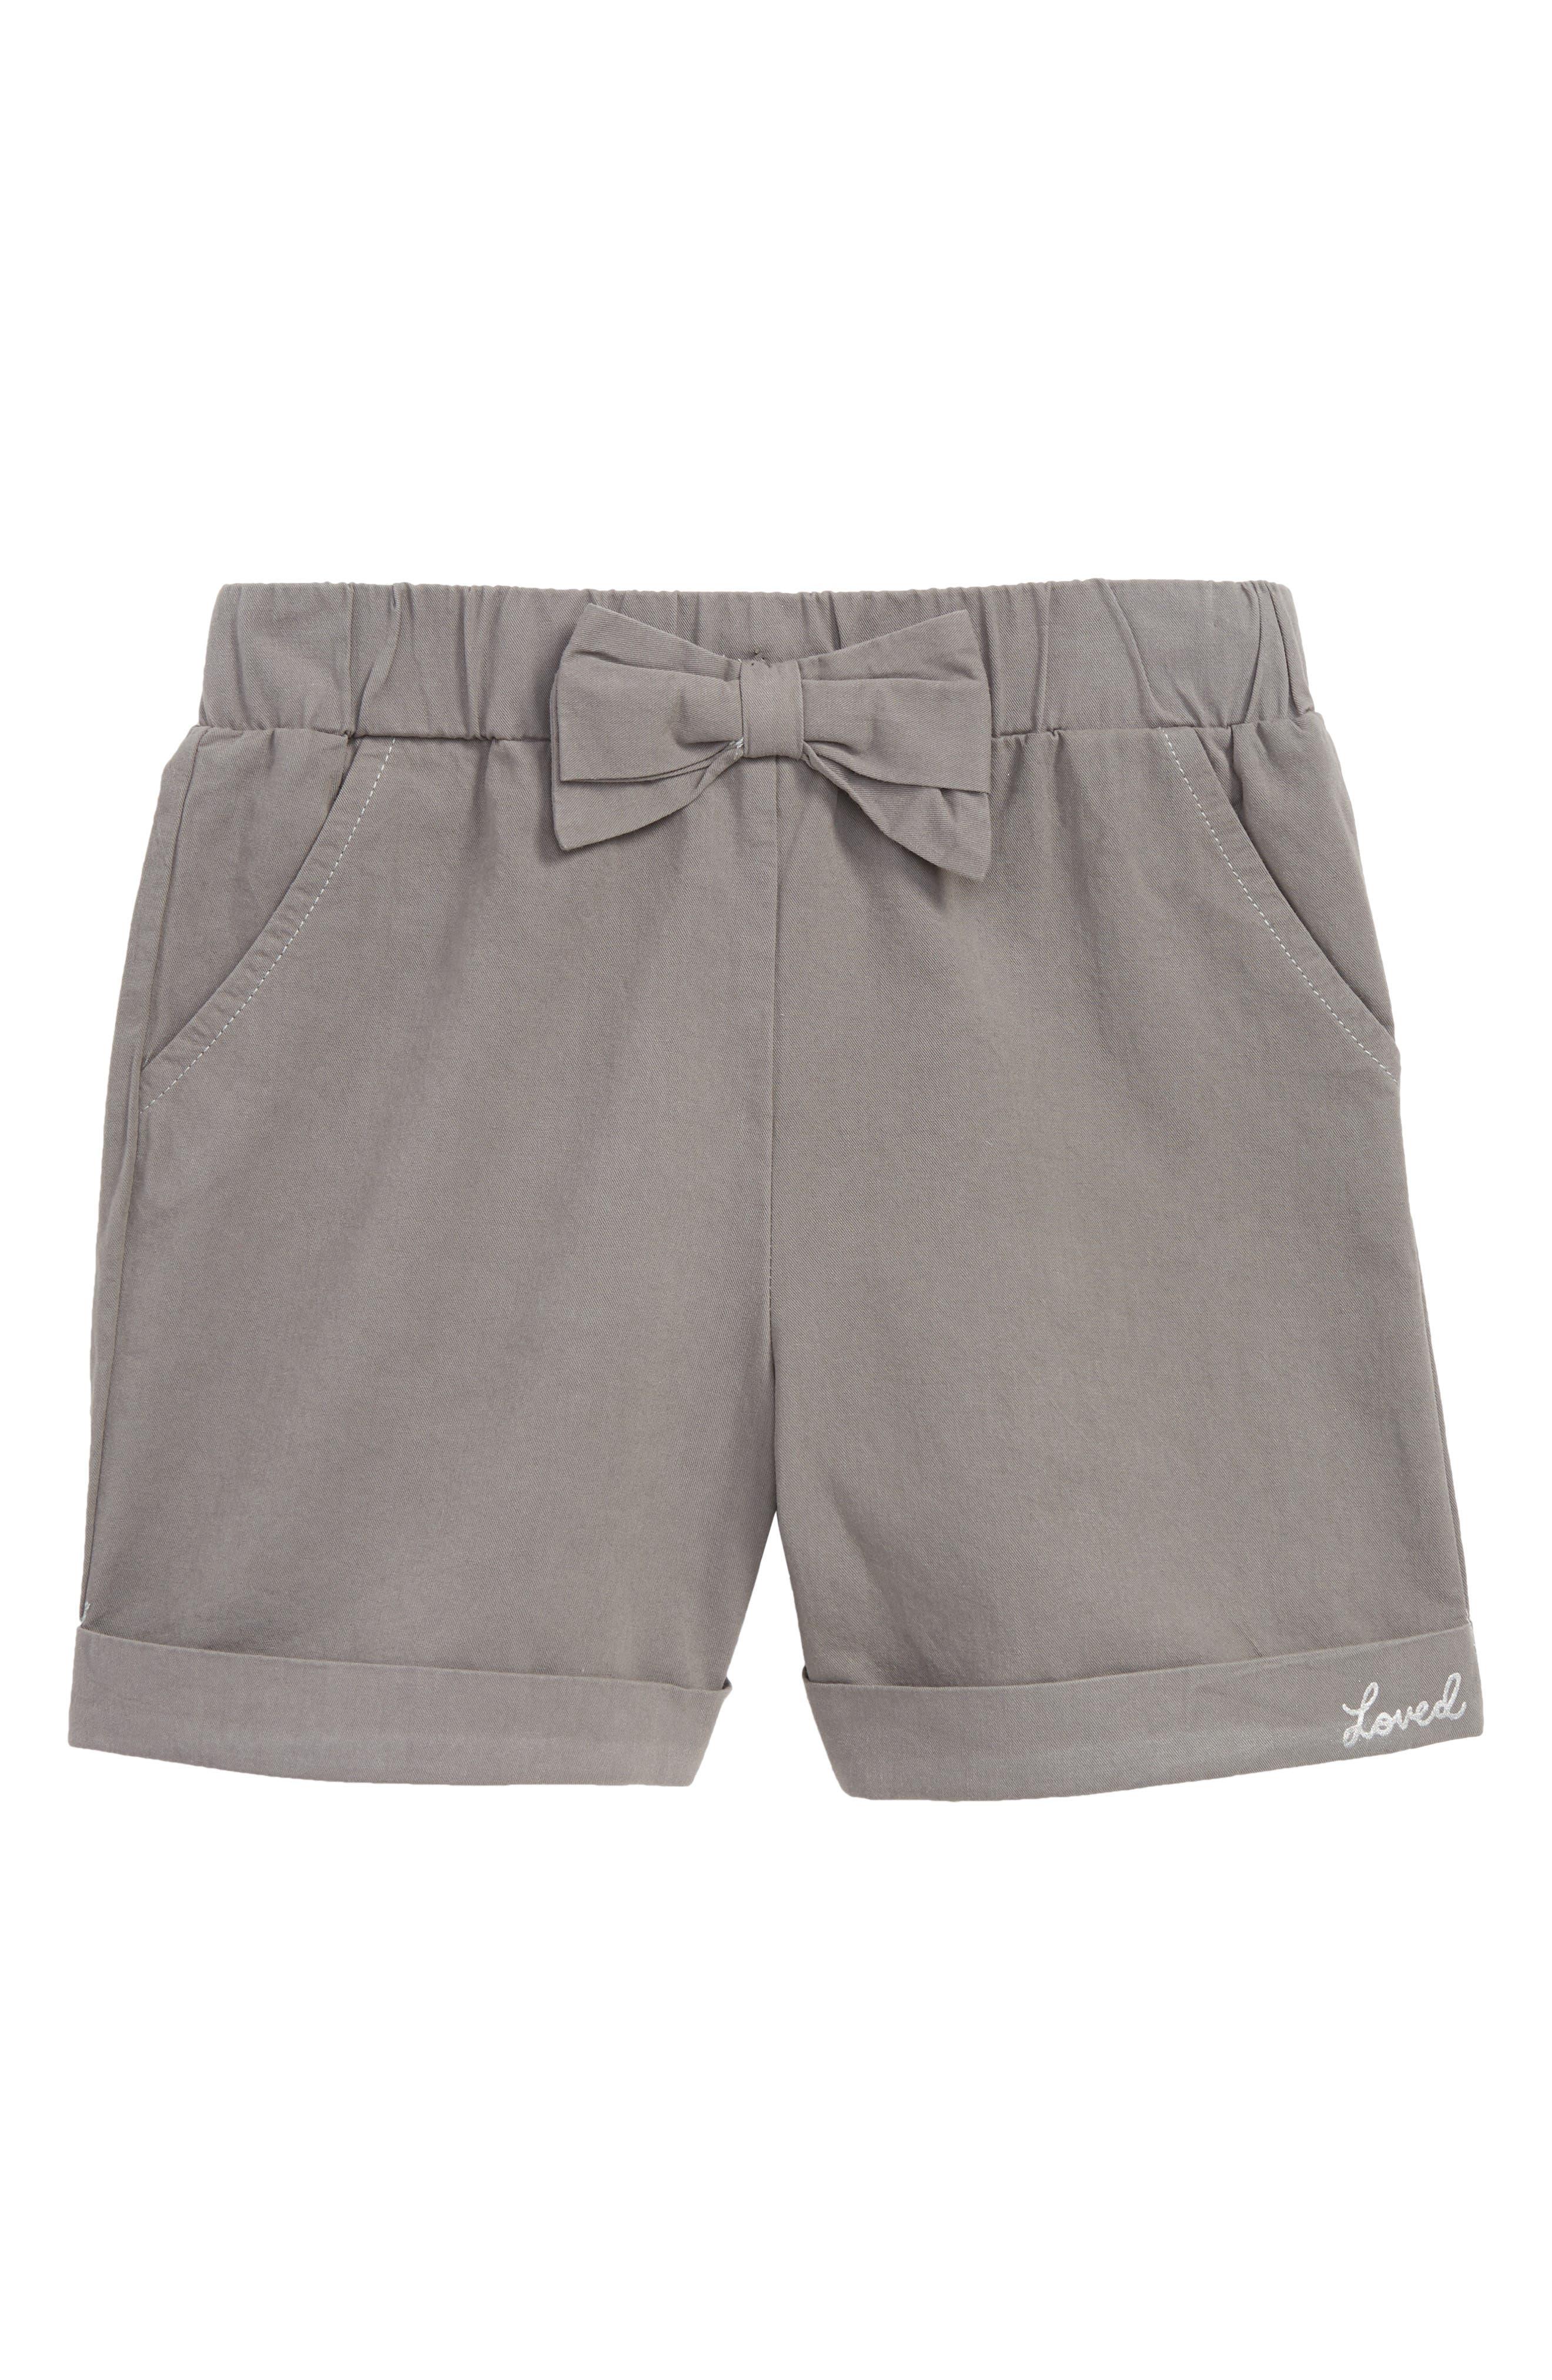 Cuffed Shorts,                             Main thumbnail 1, color,                             021